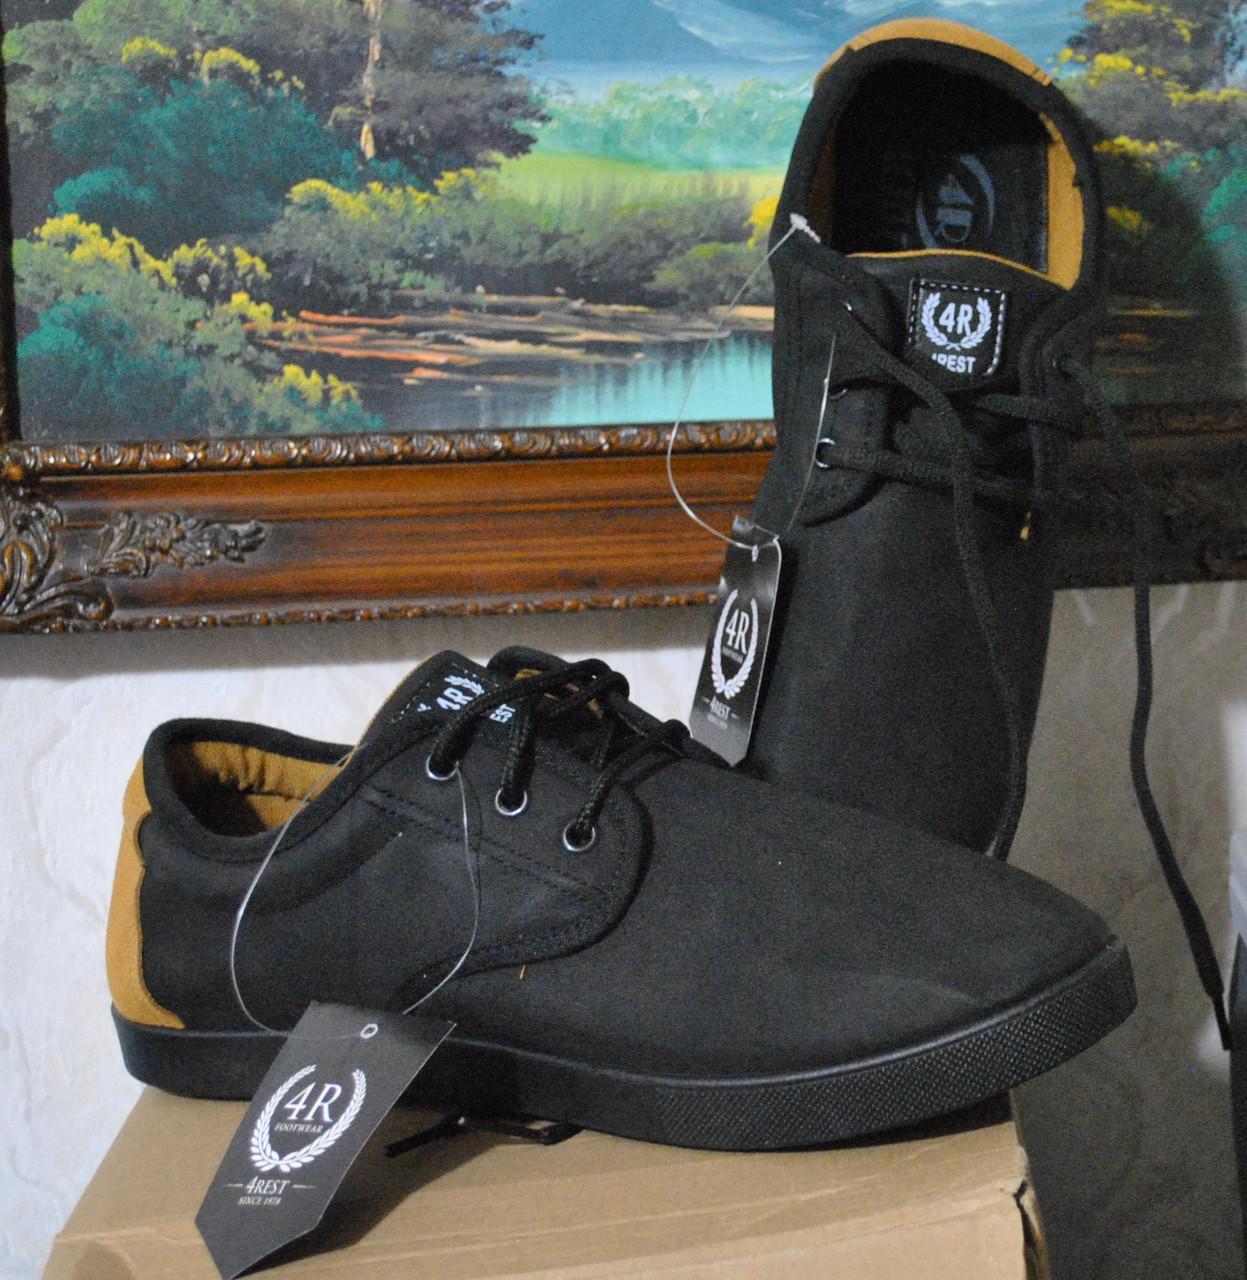 """Мокасины мужские """"4 R"""". Мужские спортивные туфли кроссовки слипоны, Германия - Украина. Фирменные мокасины."""